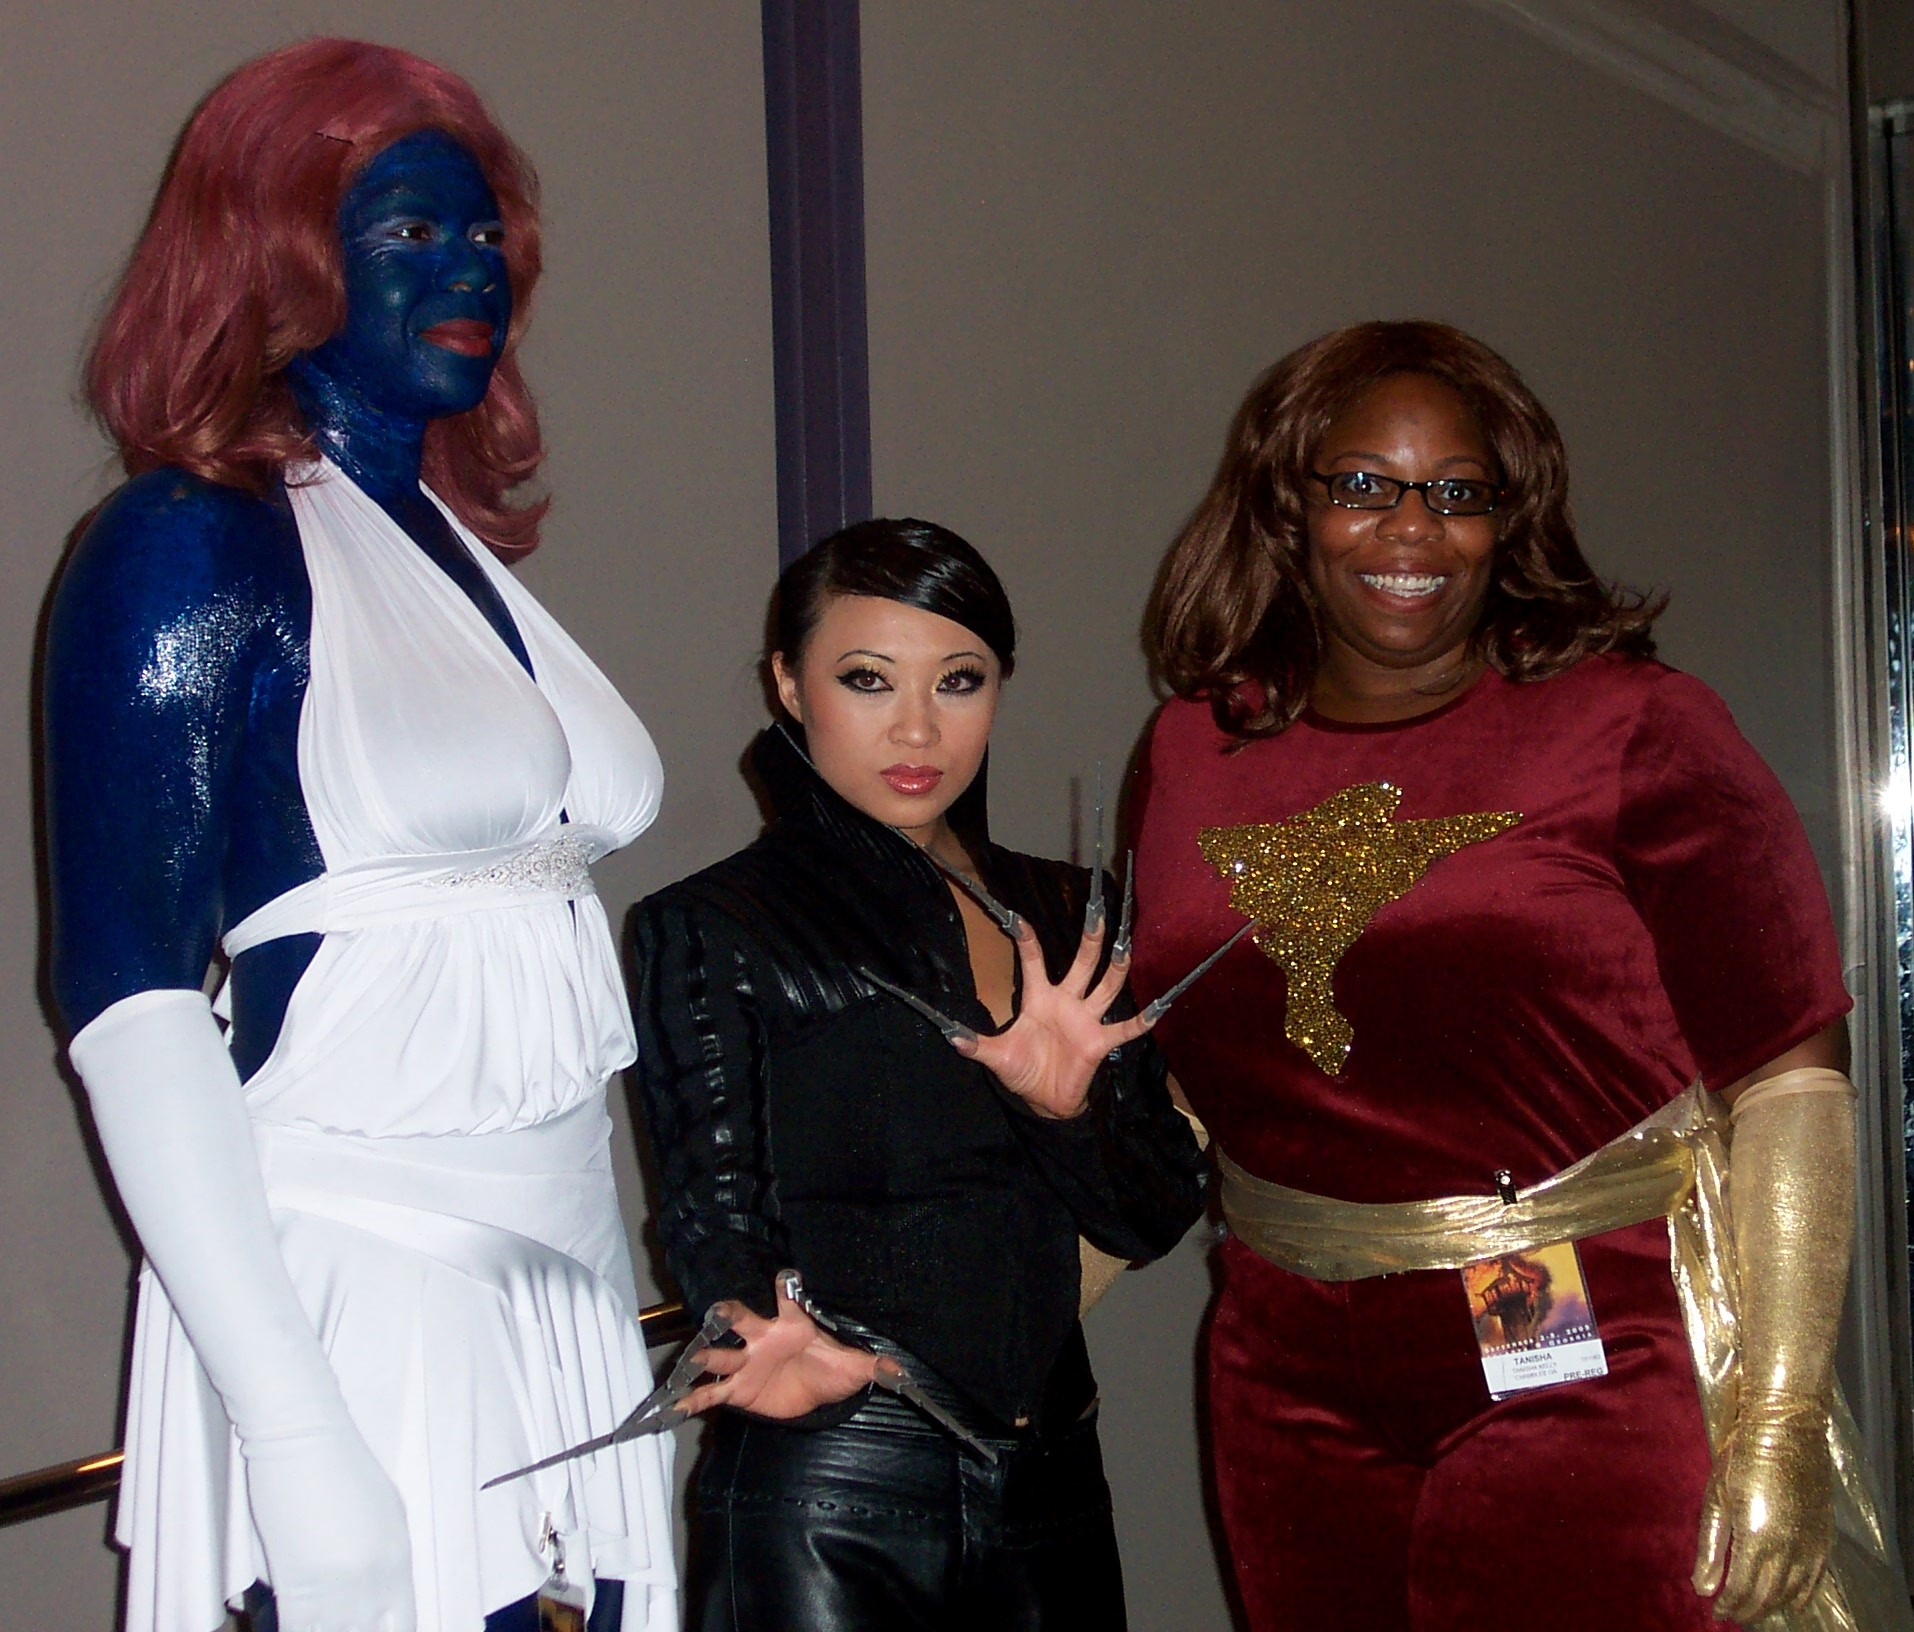 X-Men back in the day.